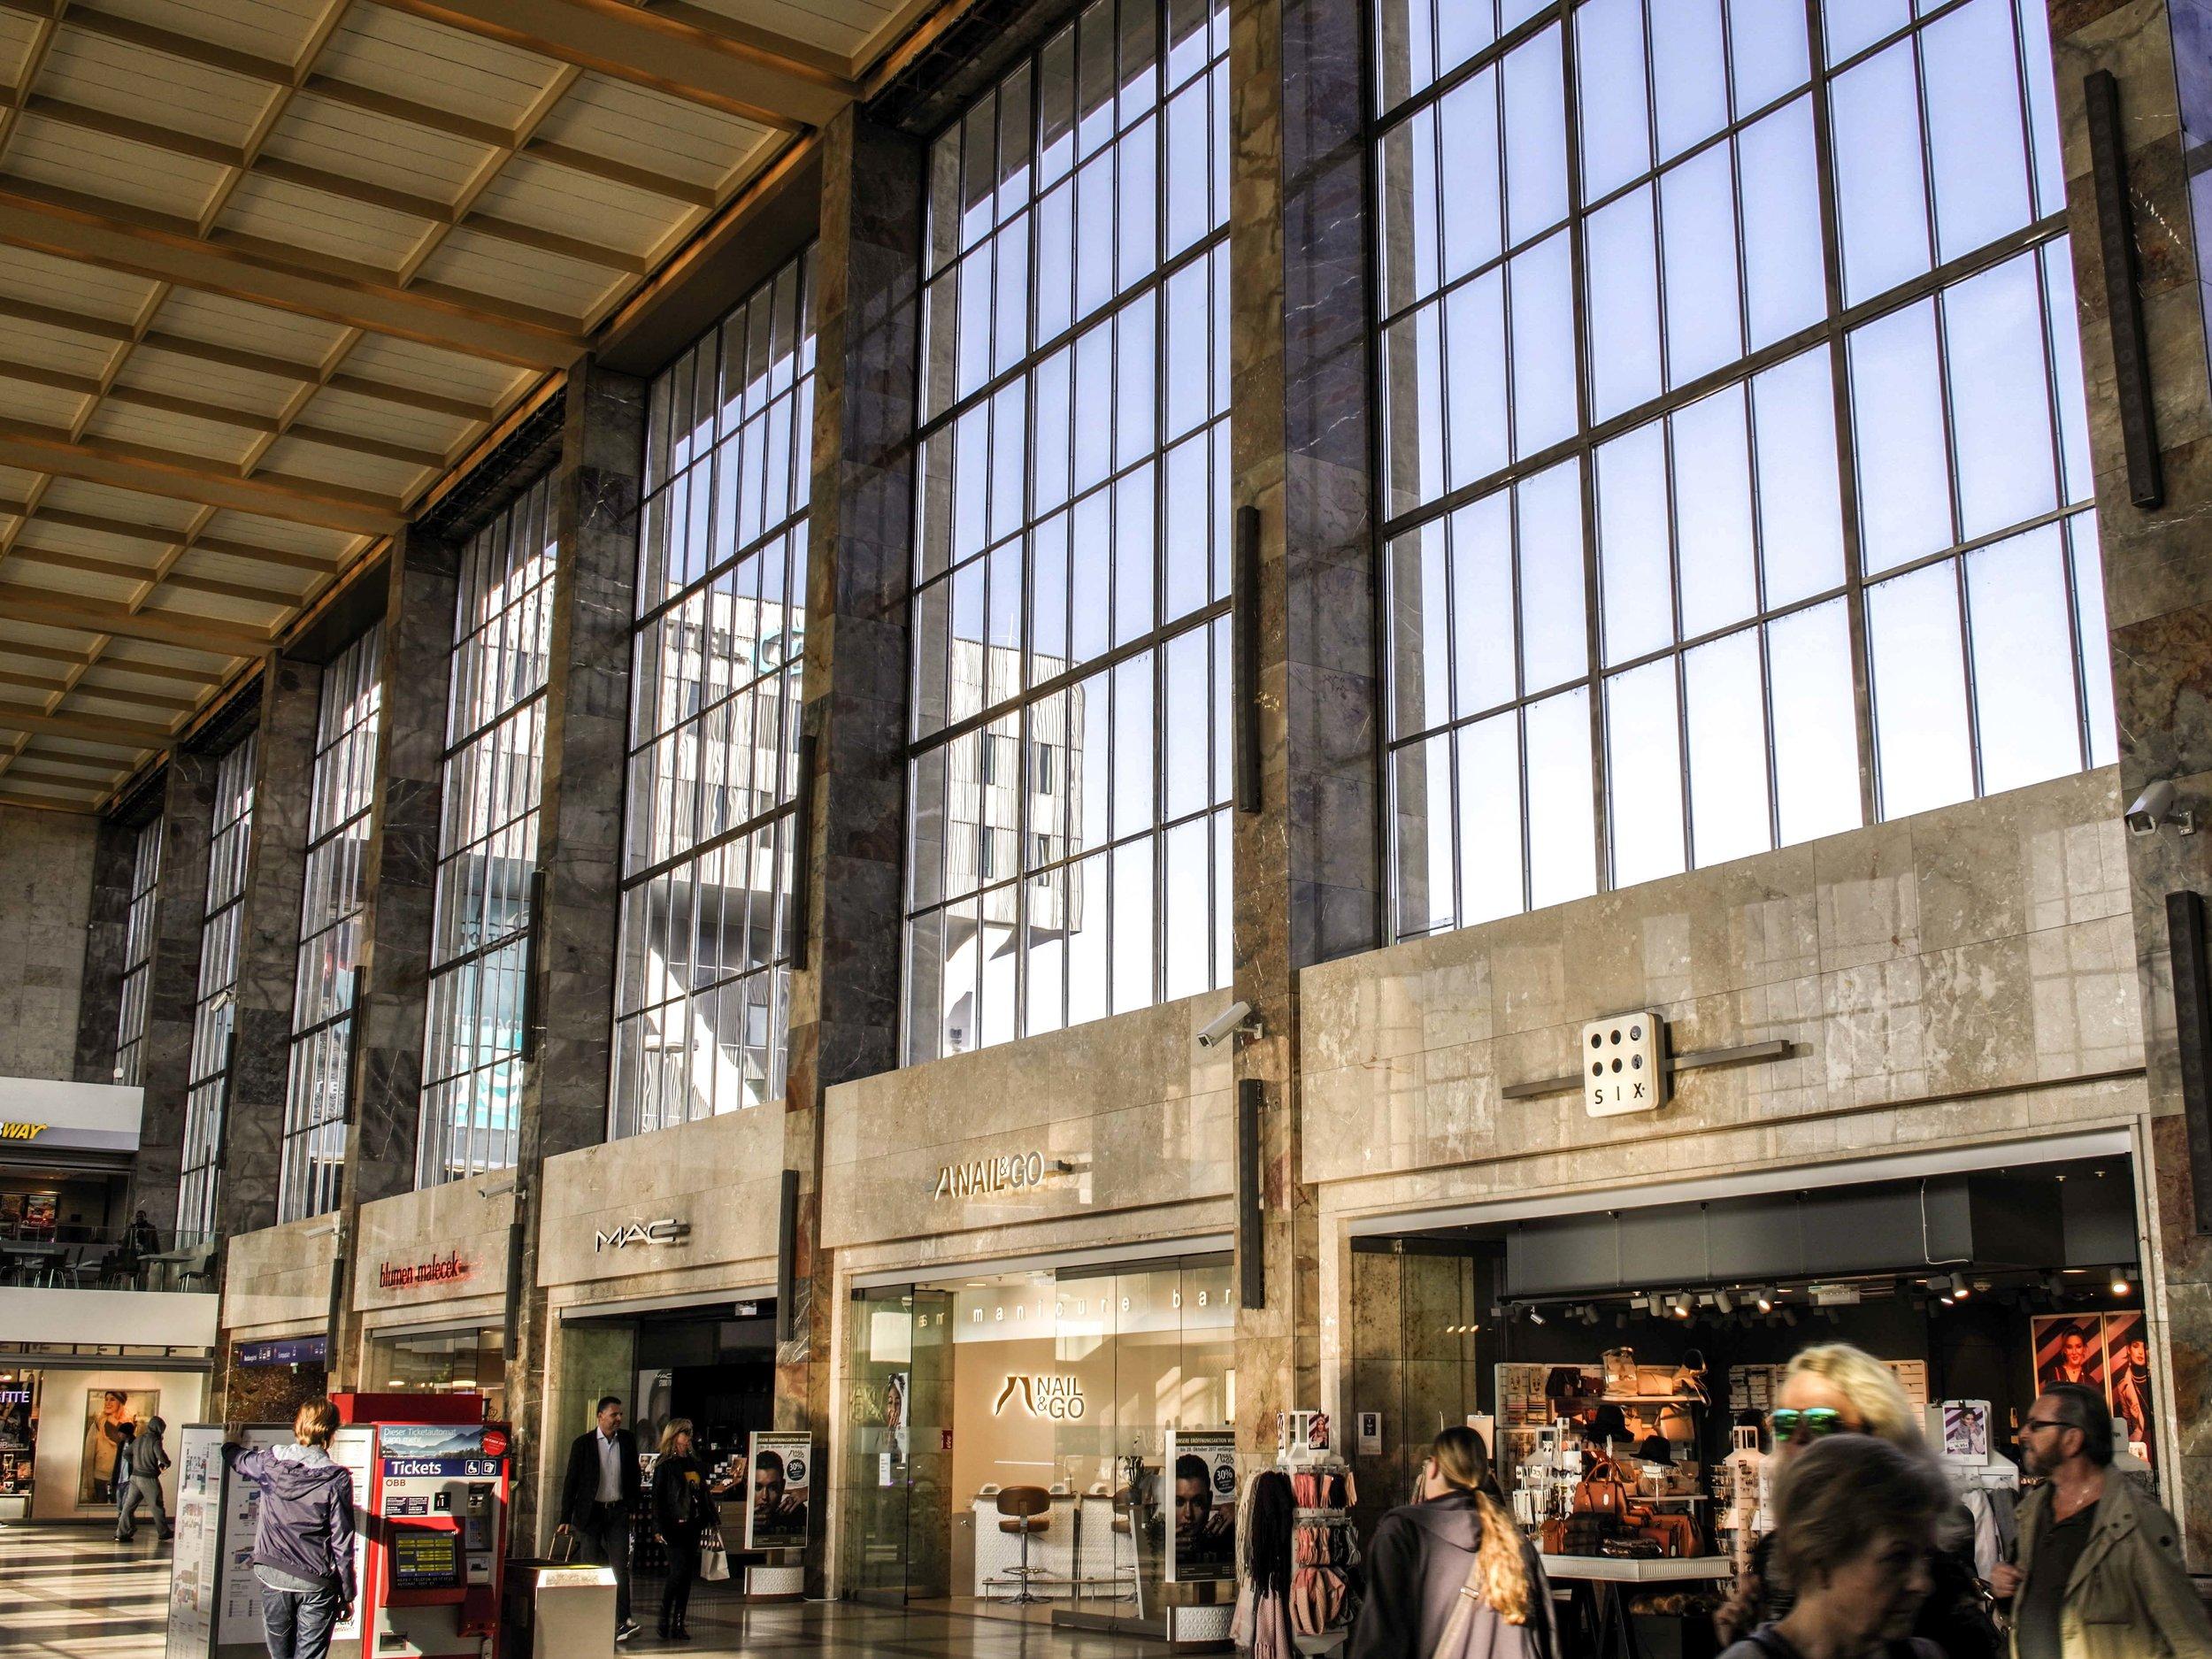 Vienna Westbahnhof